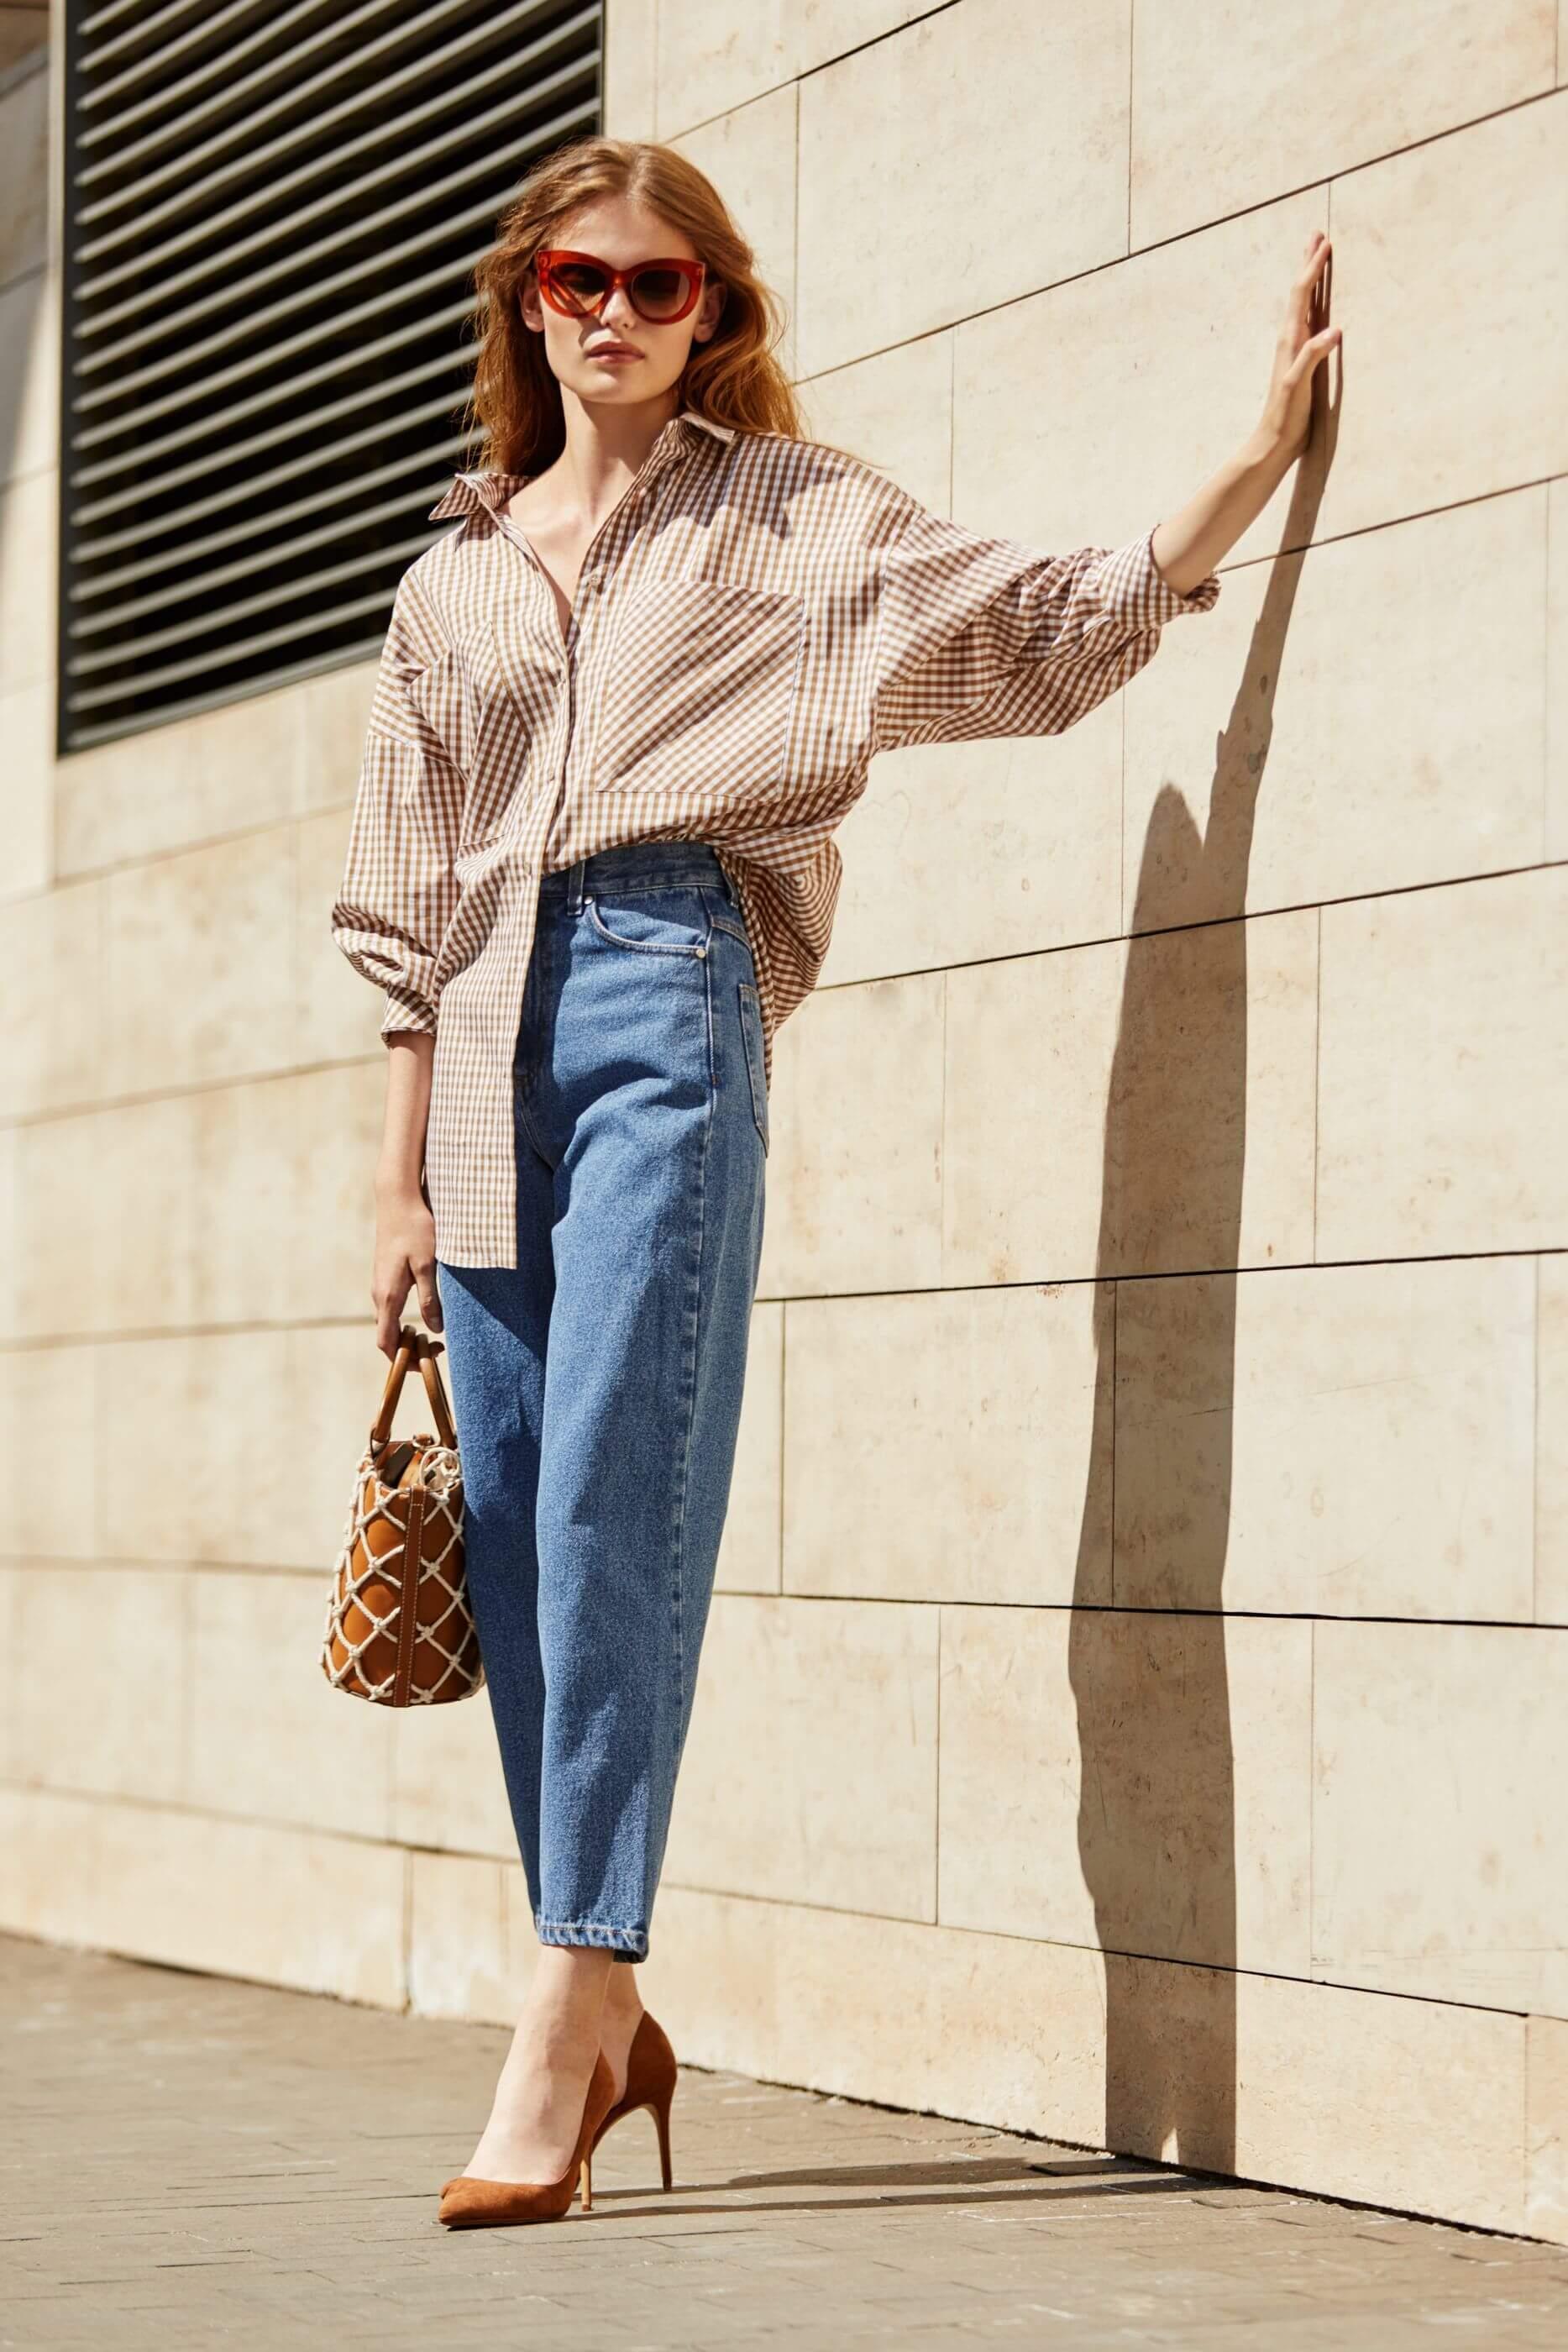 джинсы слоучи с рубашкой в клетку и каблуками